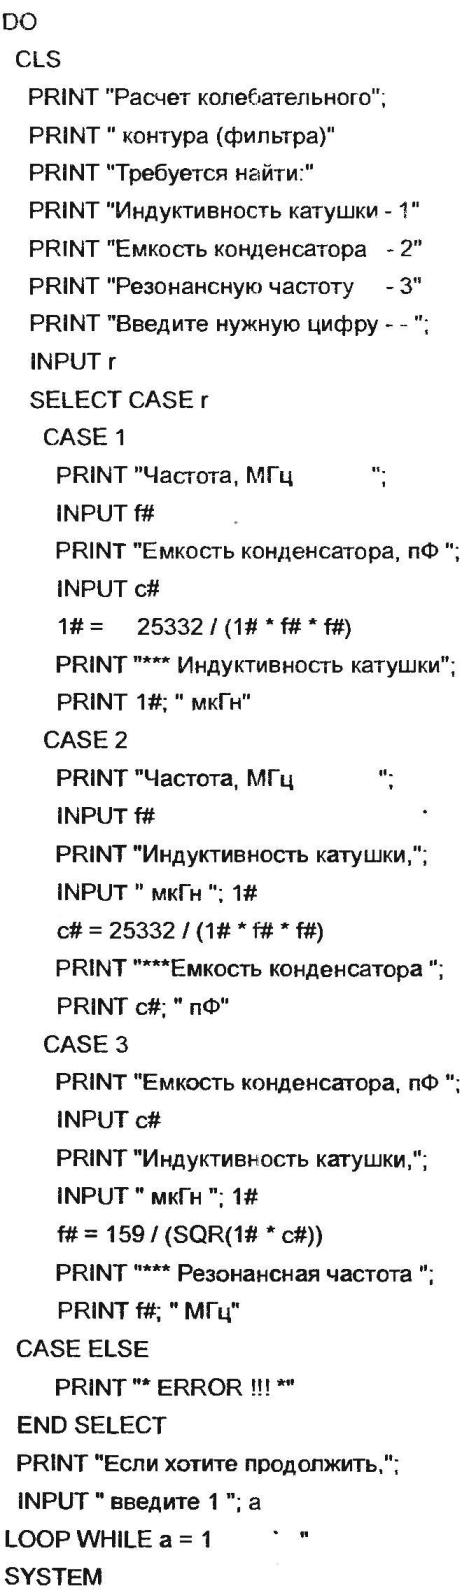 Программа для расчета колебательного контура (фильтра) на персональном компьютере, язык— QBASIC